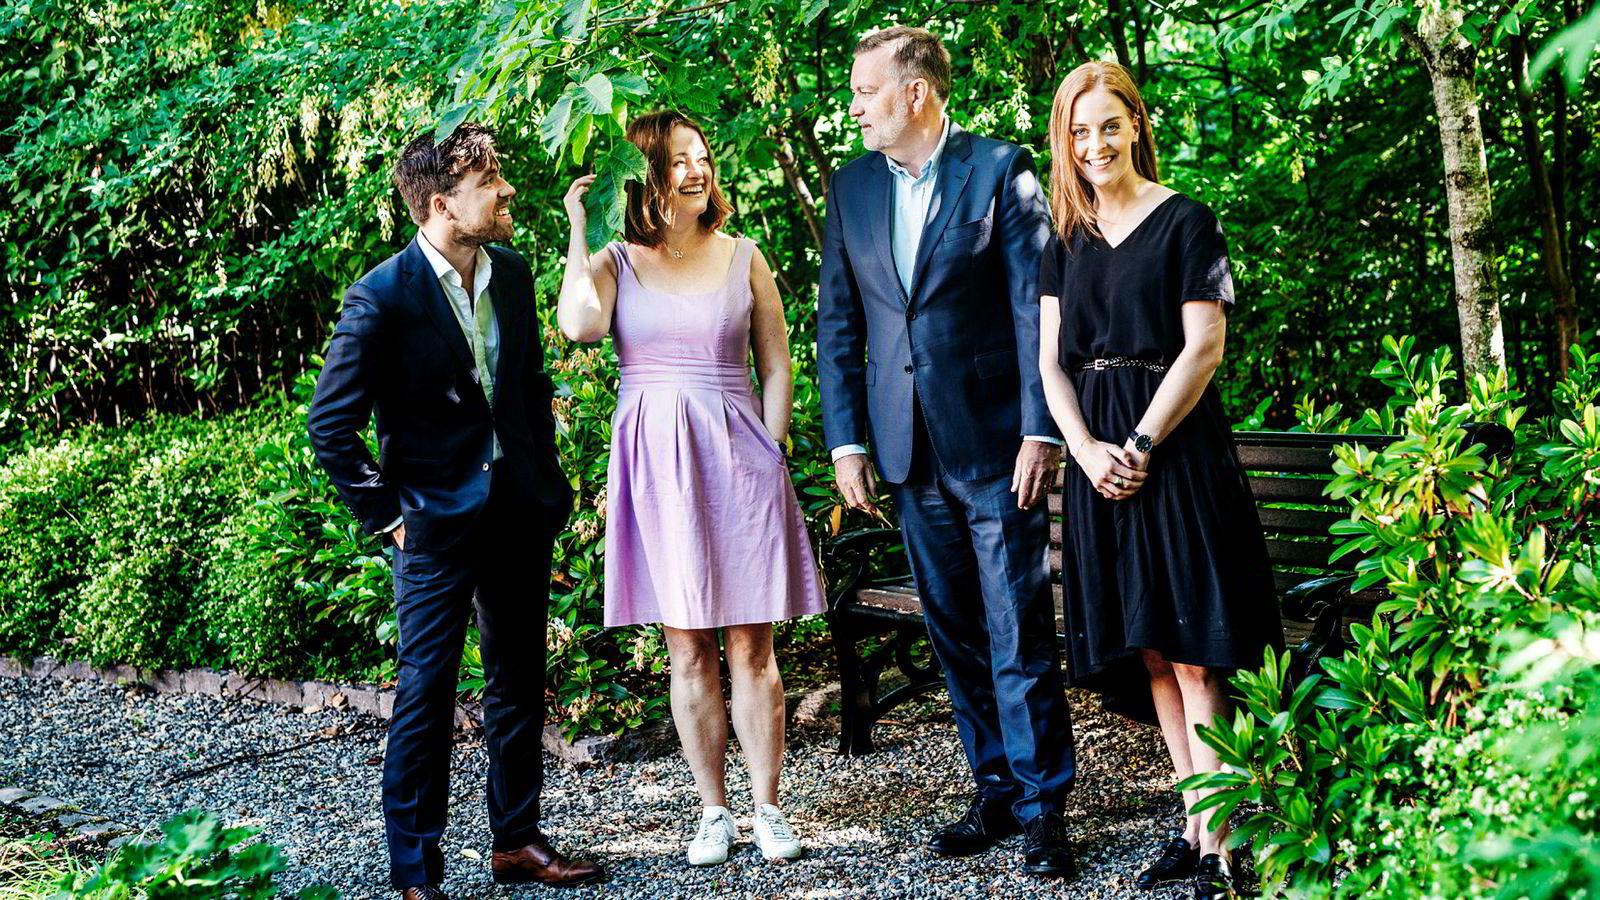 Christopher Wand (fra venstre), Karen Skjånes og Celine Gran fra Geelmuyden Kiese begynner alle å jobbe hos Jan-Erik Larsen (nummer to fra høyre) i pr-byrået Kruse Larsen når oppsigelsestiden deres har gått ut.